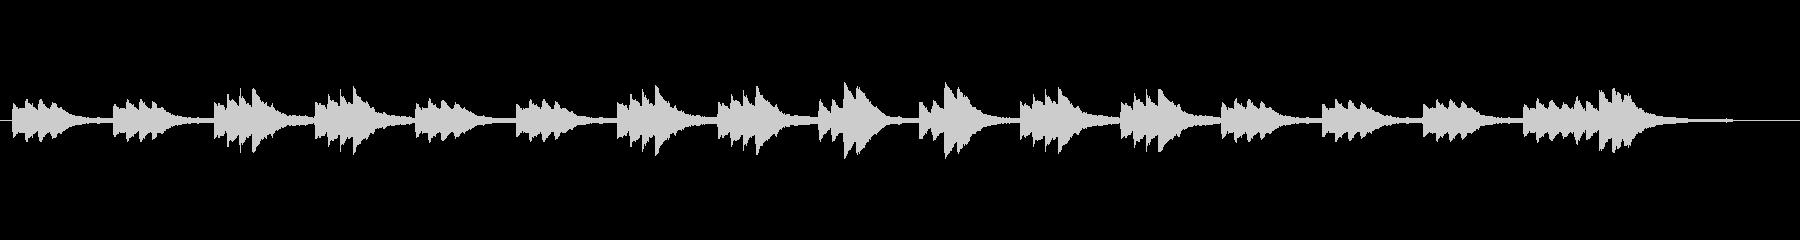 ピアノ 切ないシンプルなアルペジオの未再生の波形